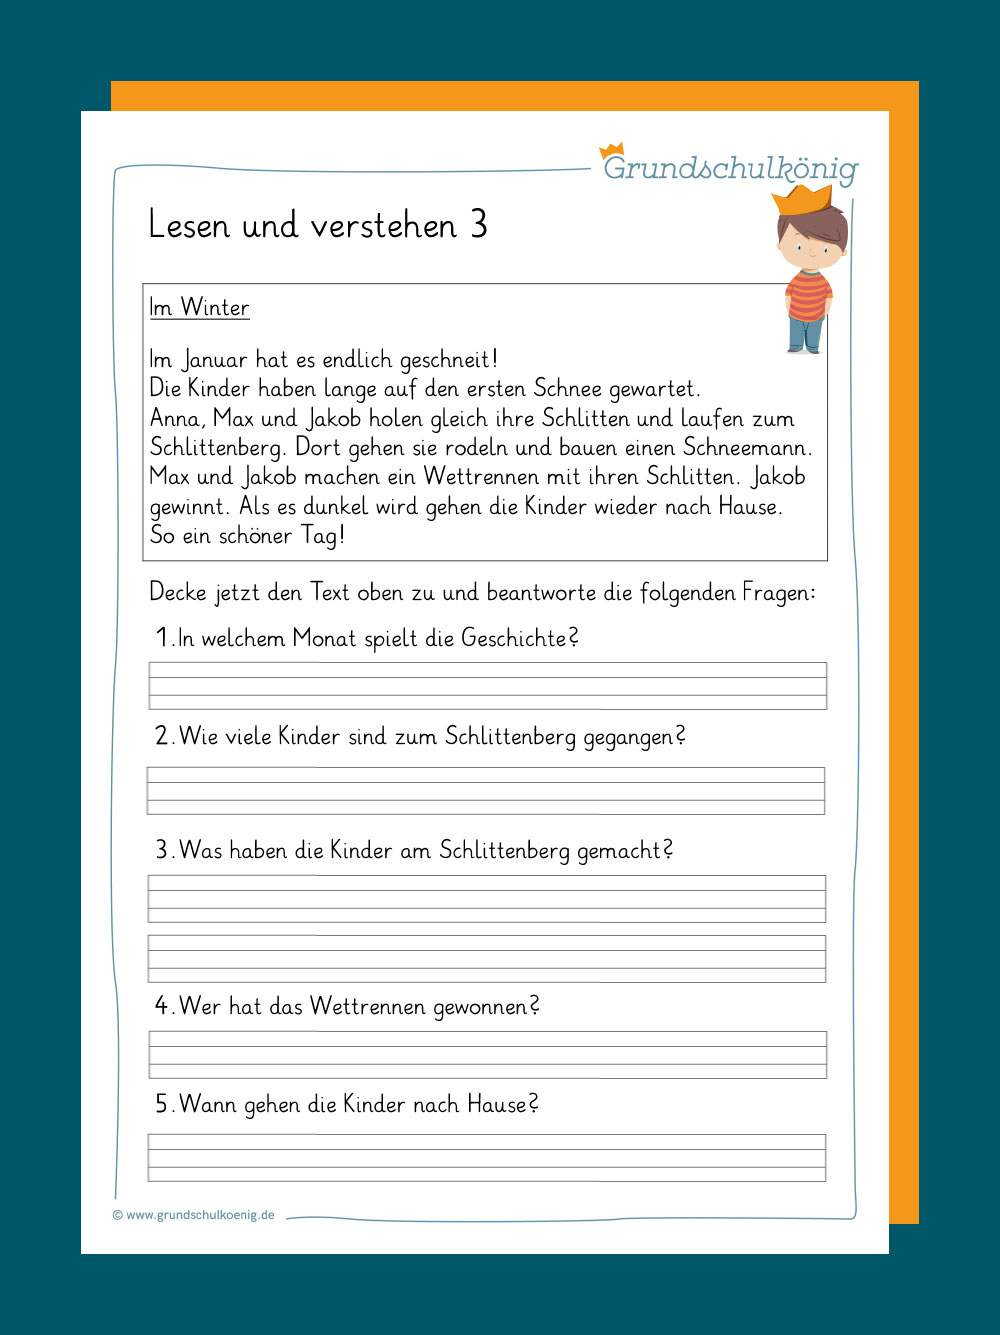 Lesen Und Verstehen ganzes Text Lesen Und Fragen Beantworten 3 Klasse